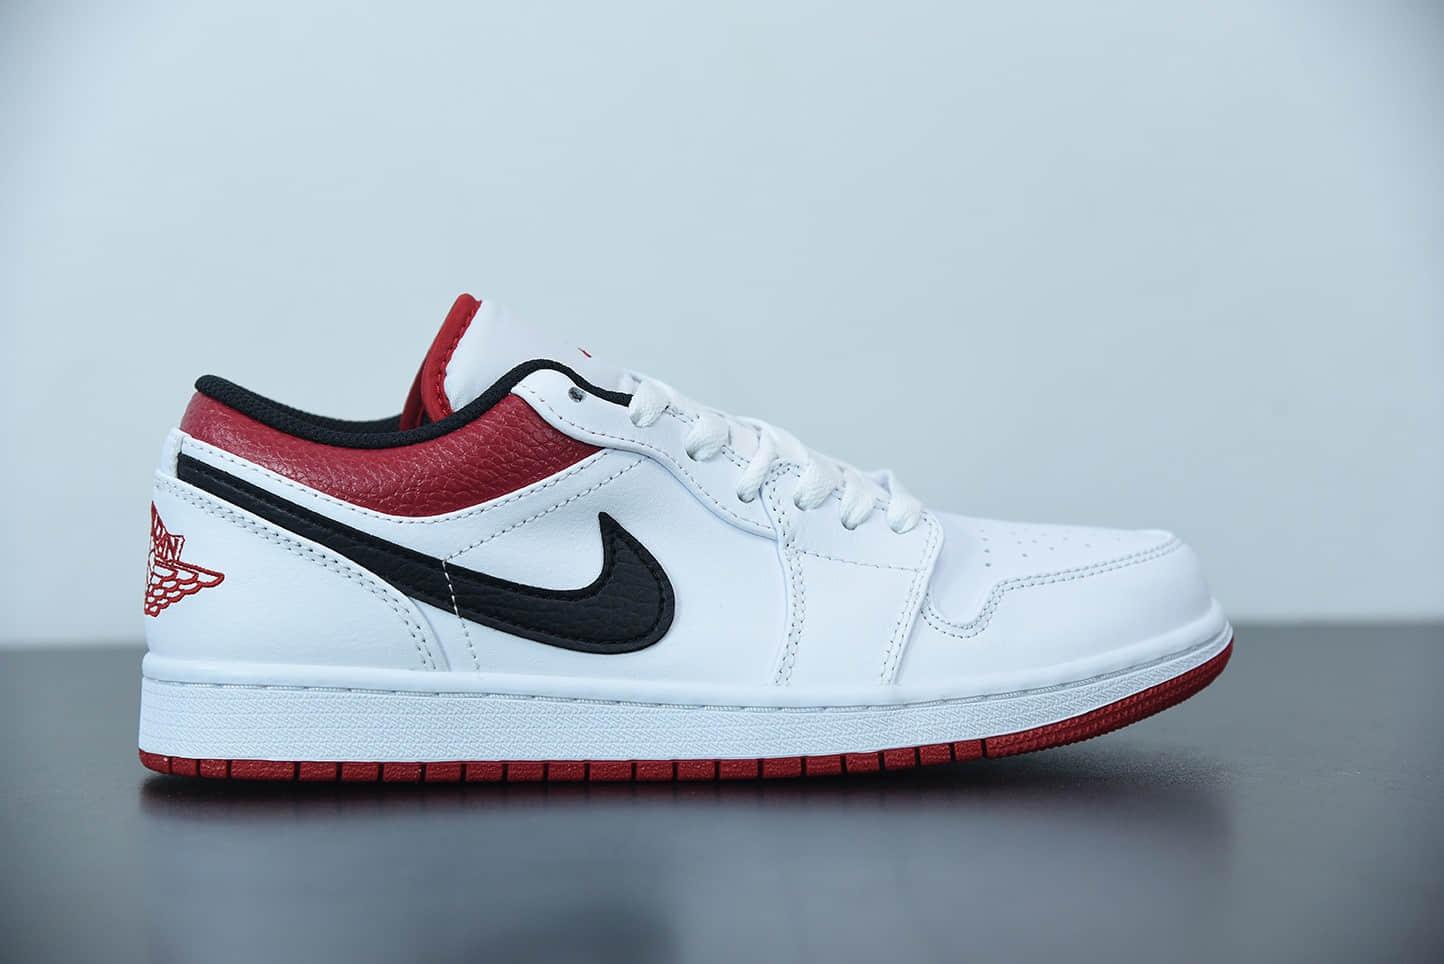 乔丹Air Jordan 1 Low 白红芝加哥低帮休闲板鞋纯原版本 货号:553558-118